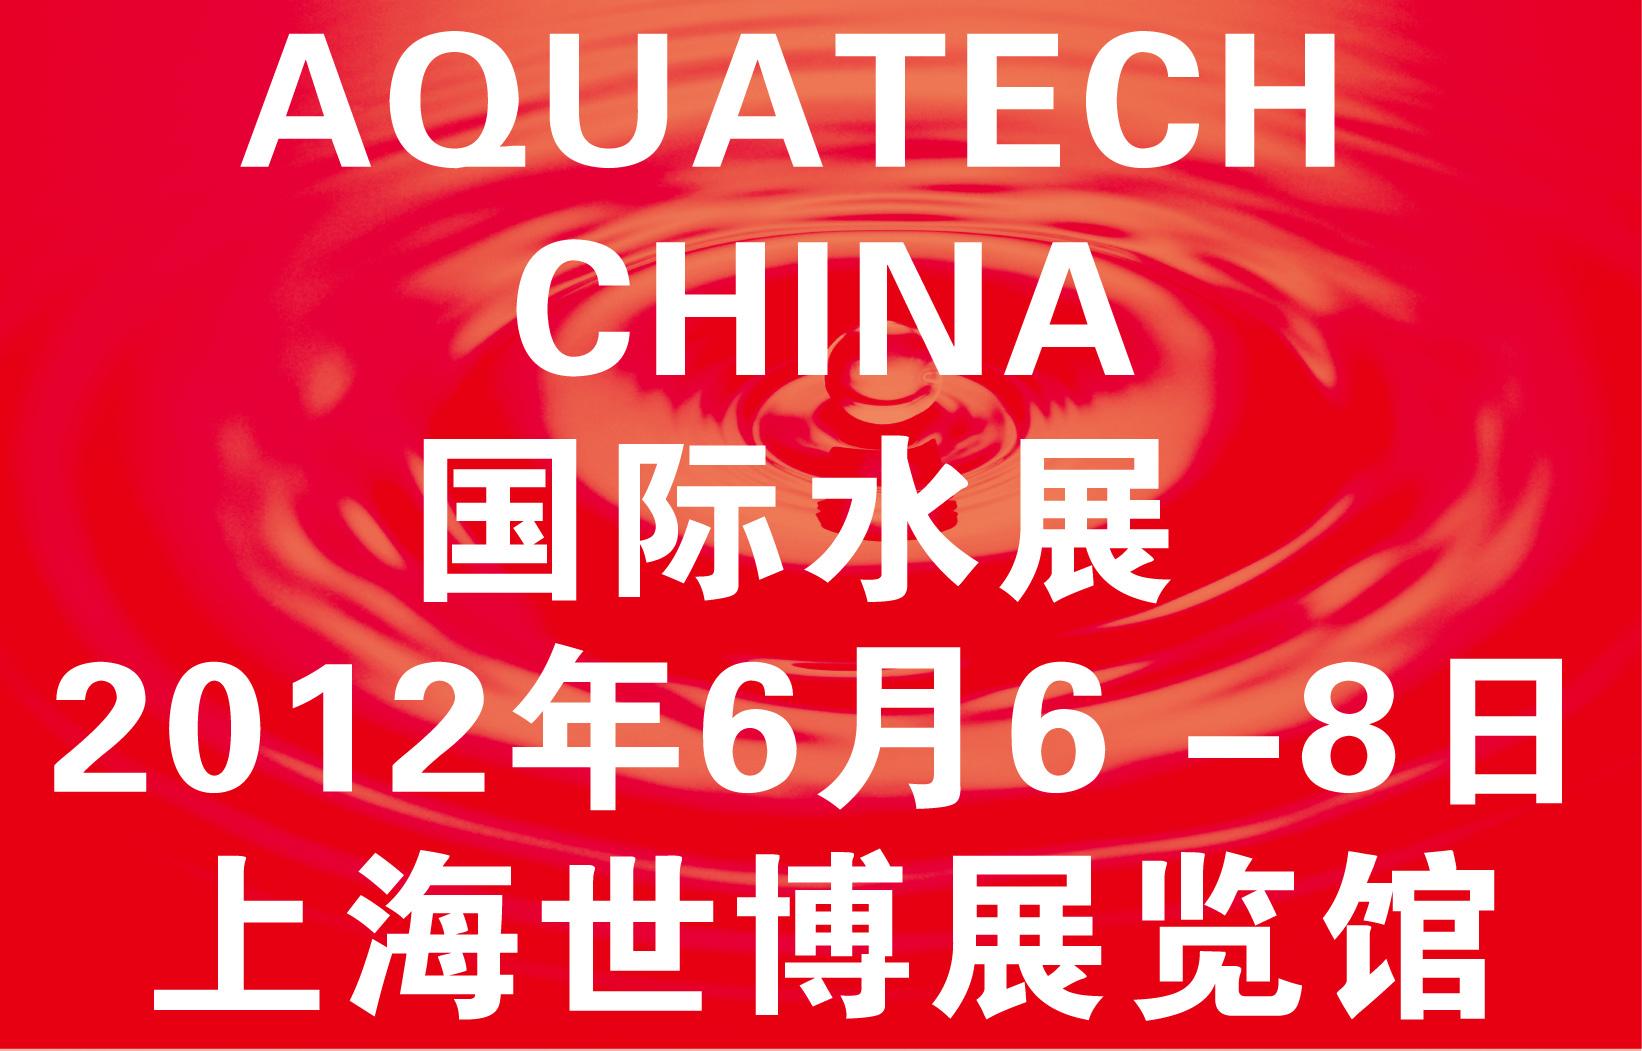 第五届AQUATECH CHINA国际水展